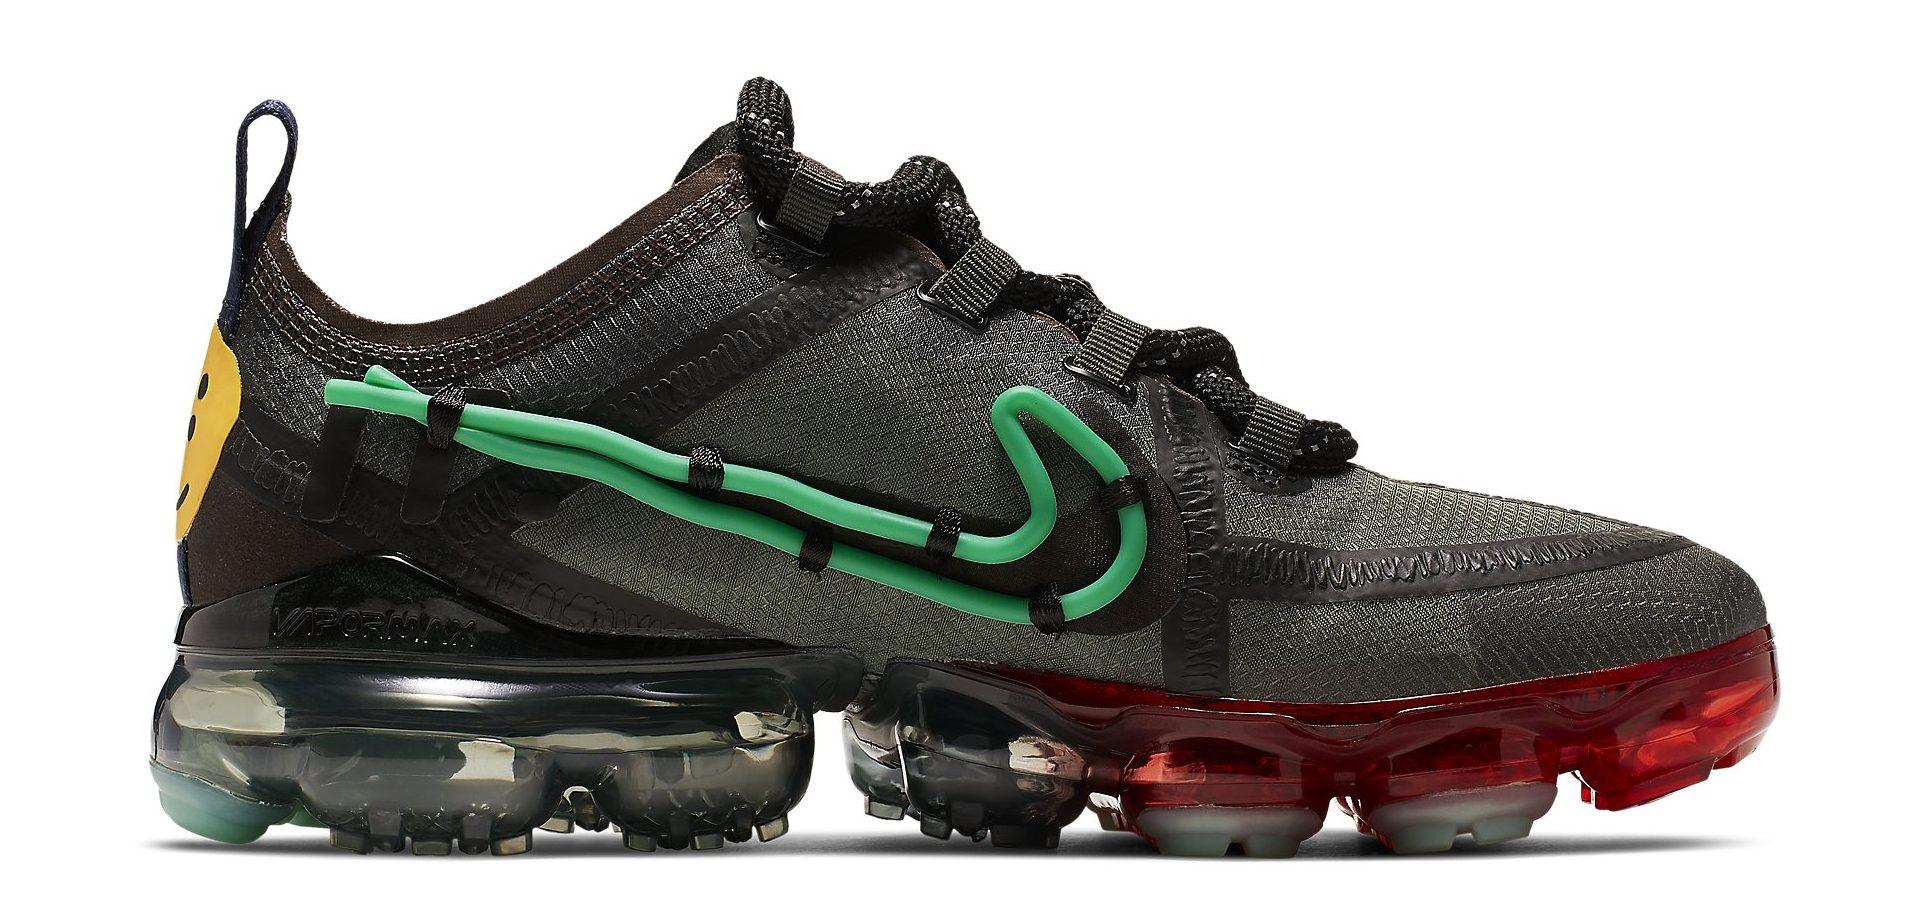 Nike Air VaporMax x Cactus Jack Flea